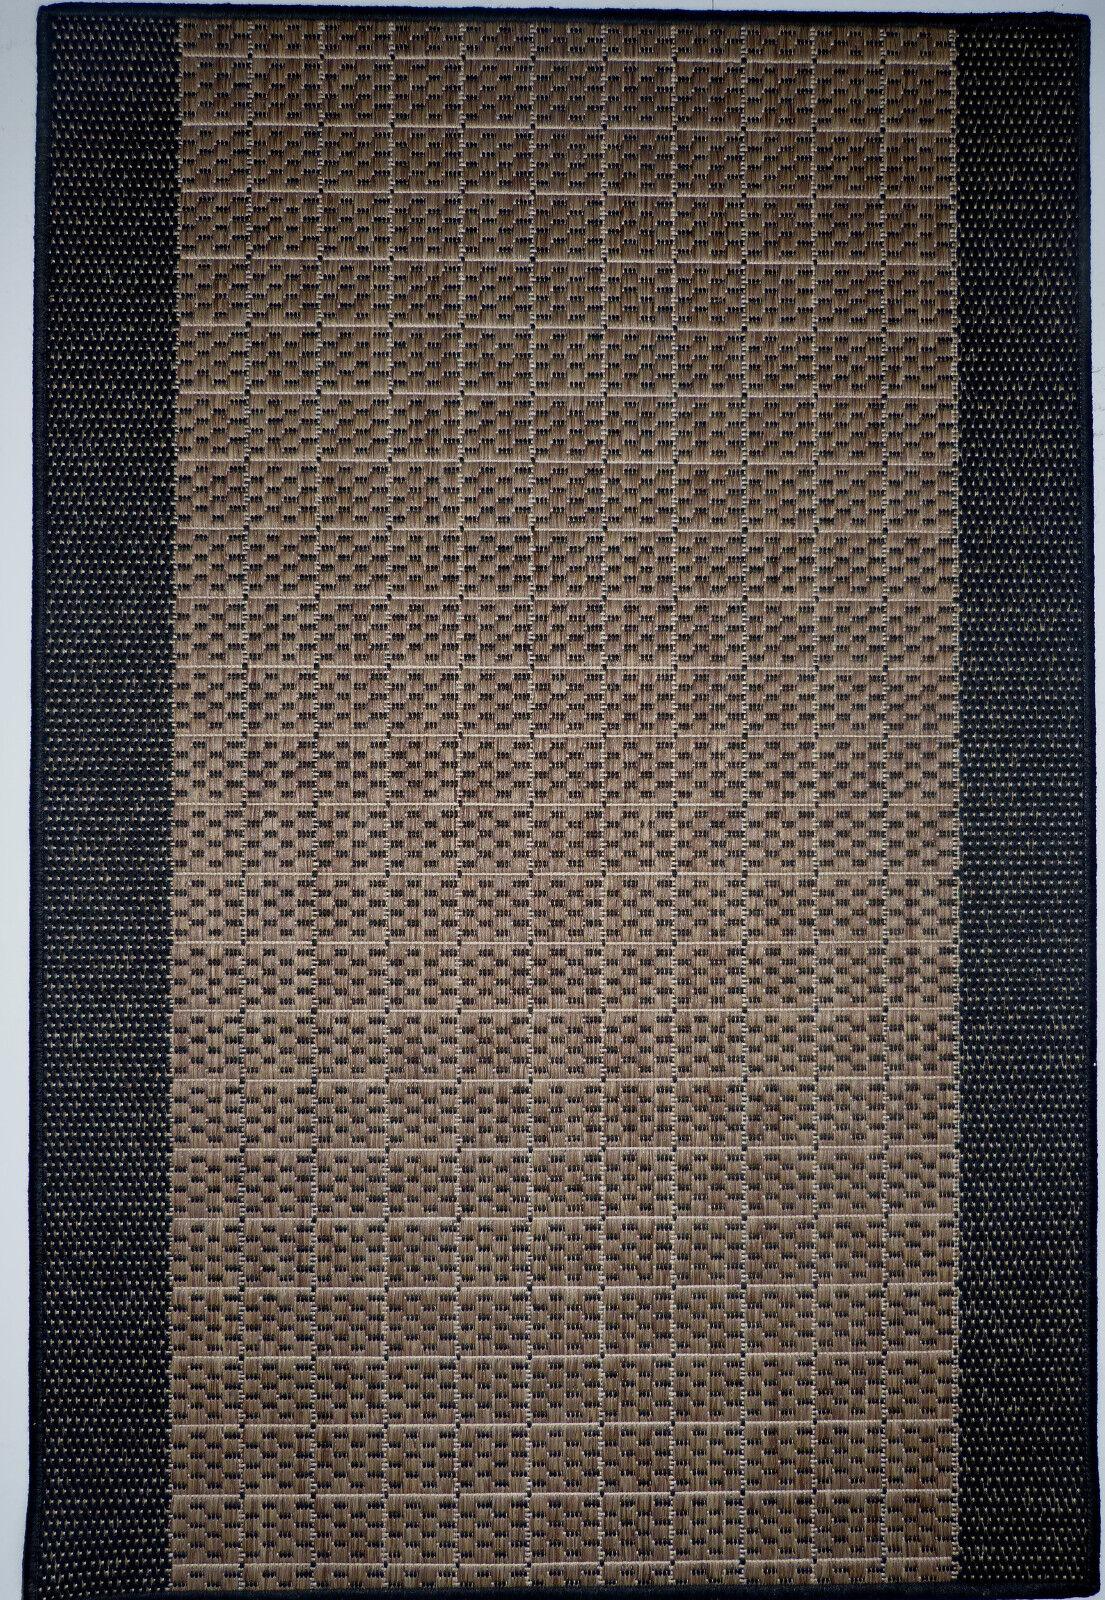 Teppichläufer Flachgewebe Braun Braun Braun Schwarz B 80 x L 450 cm Küchenläufer Rutschfest 624d6a